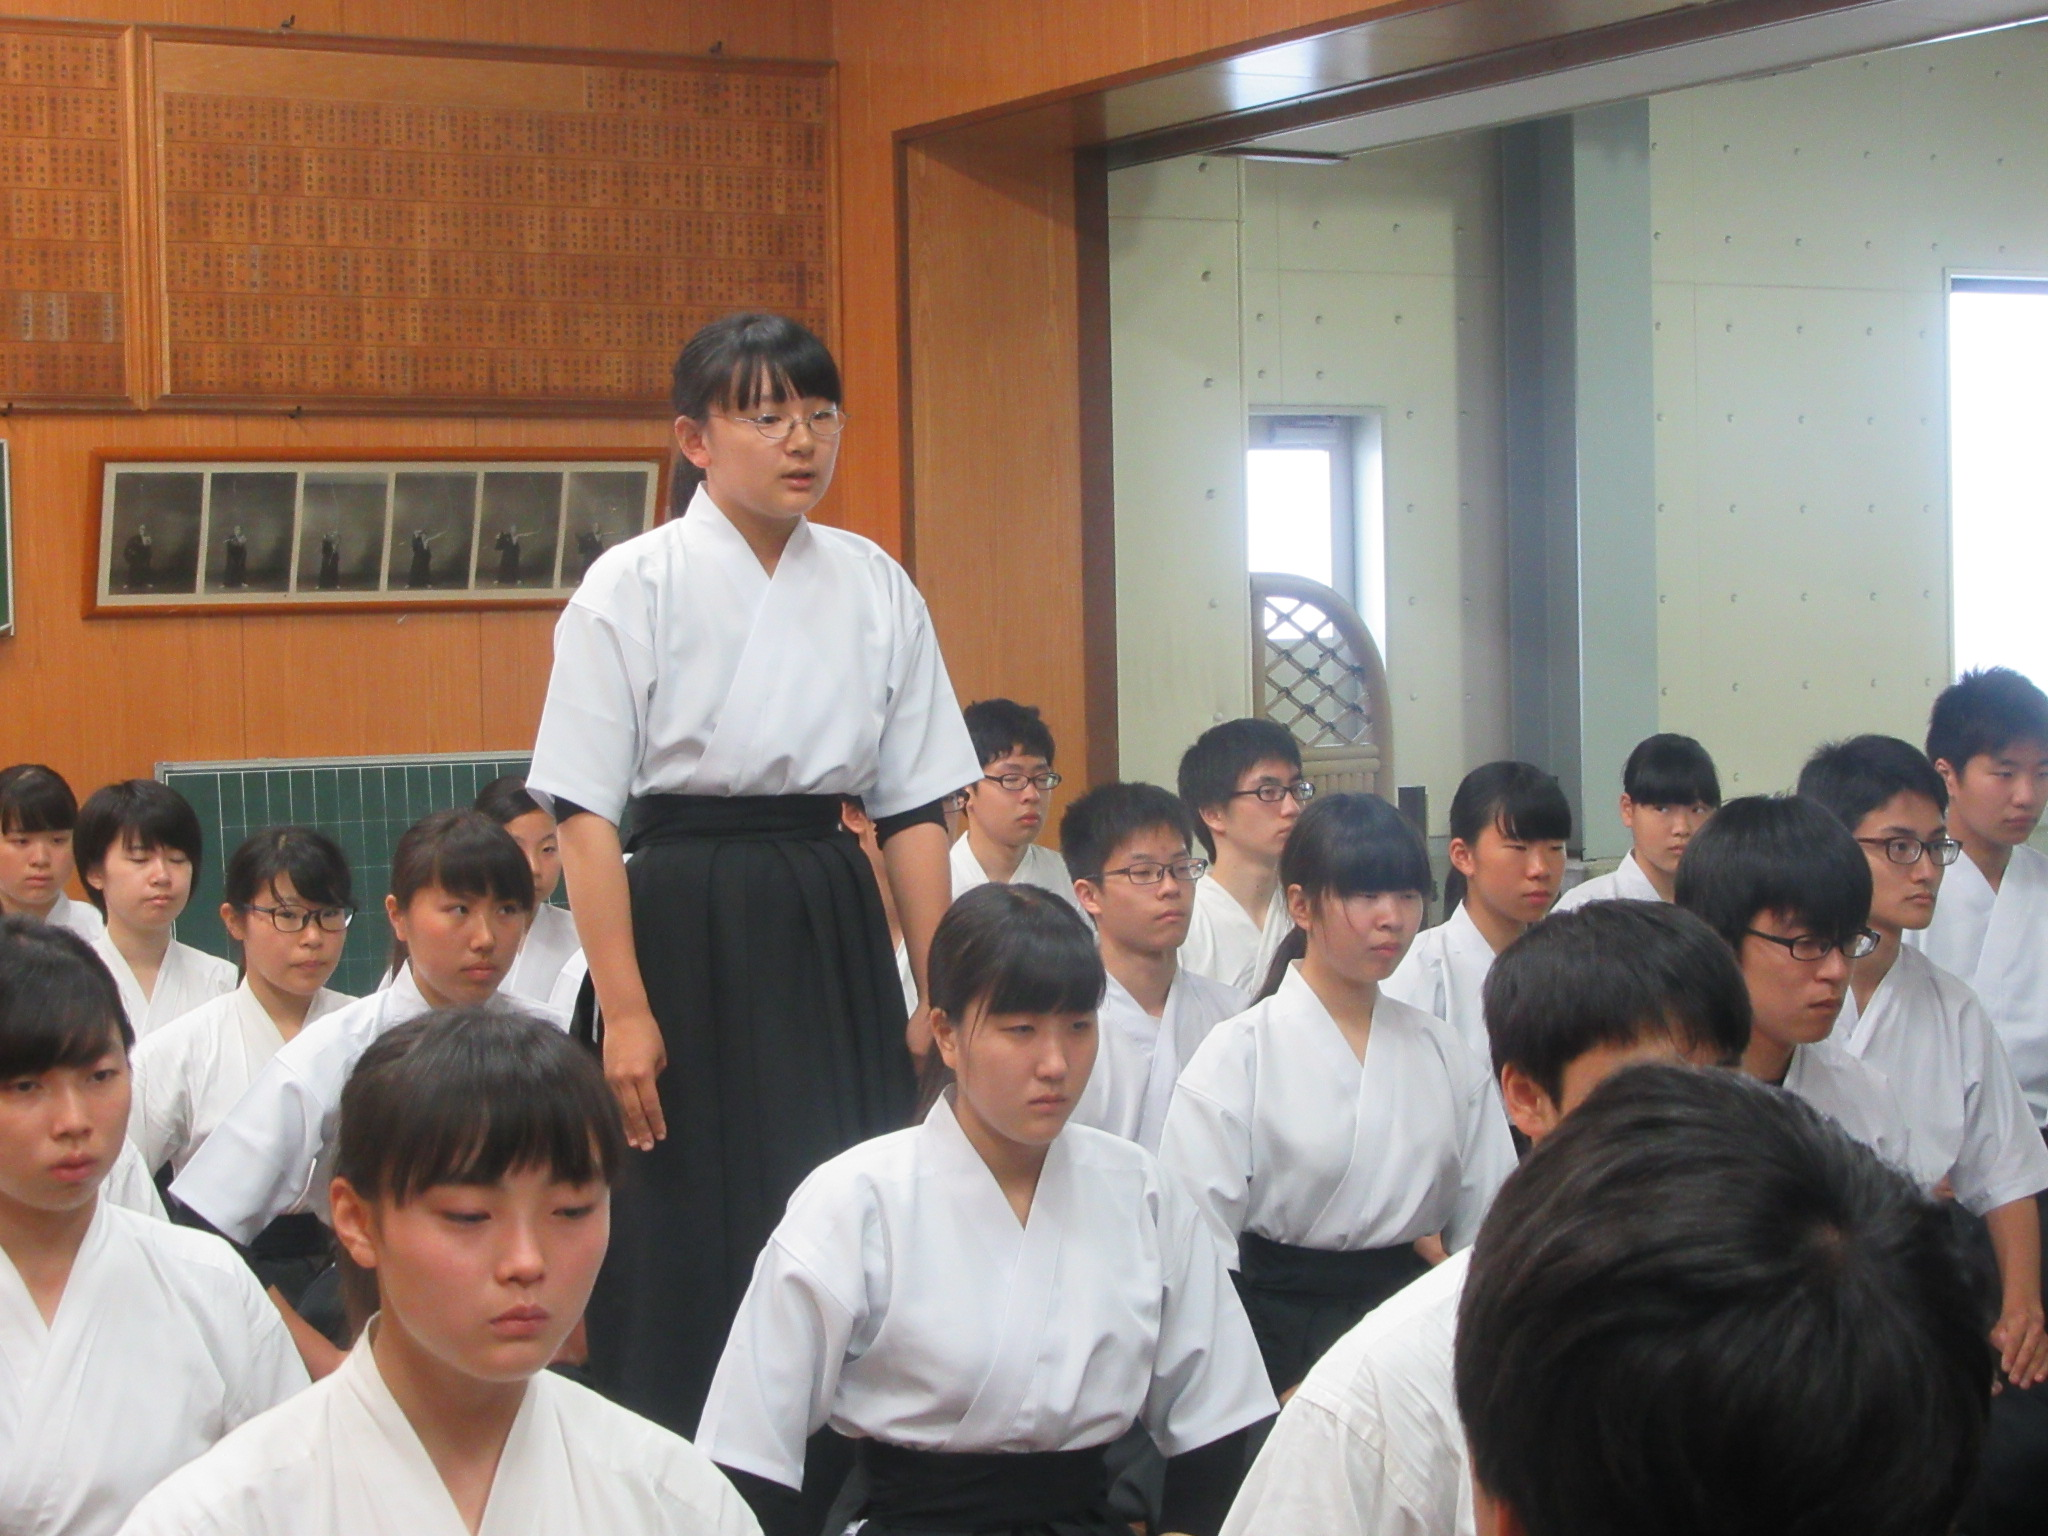 大阪青凌のキャプテン山本歩華(2)から挨拶